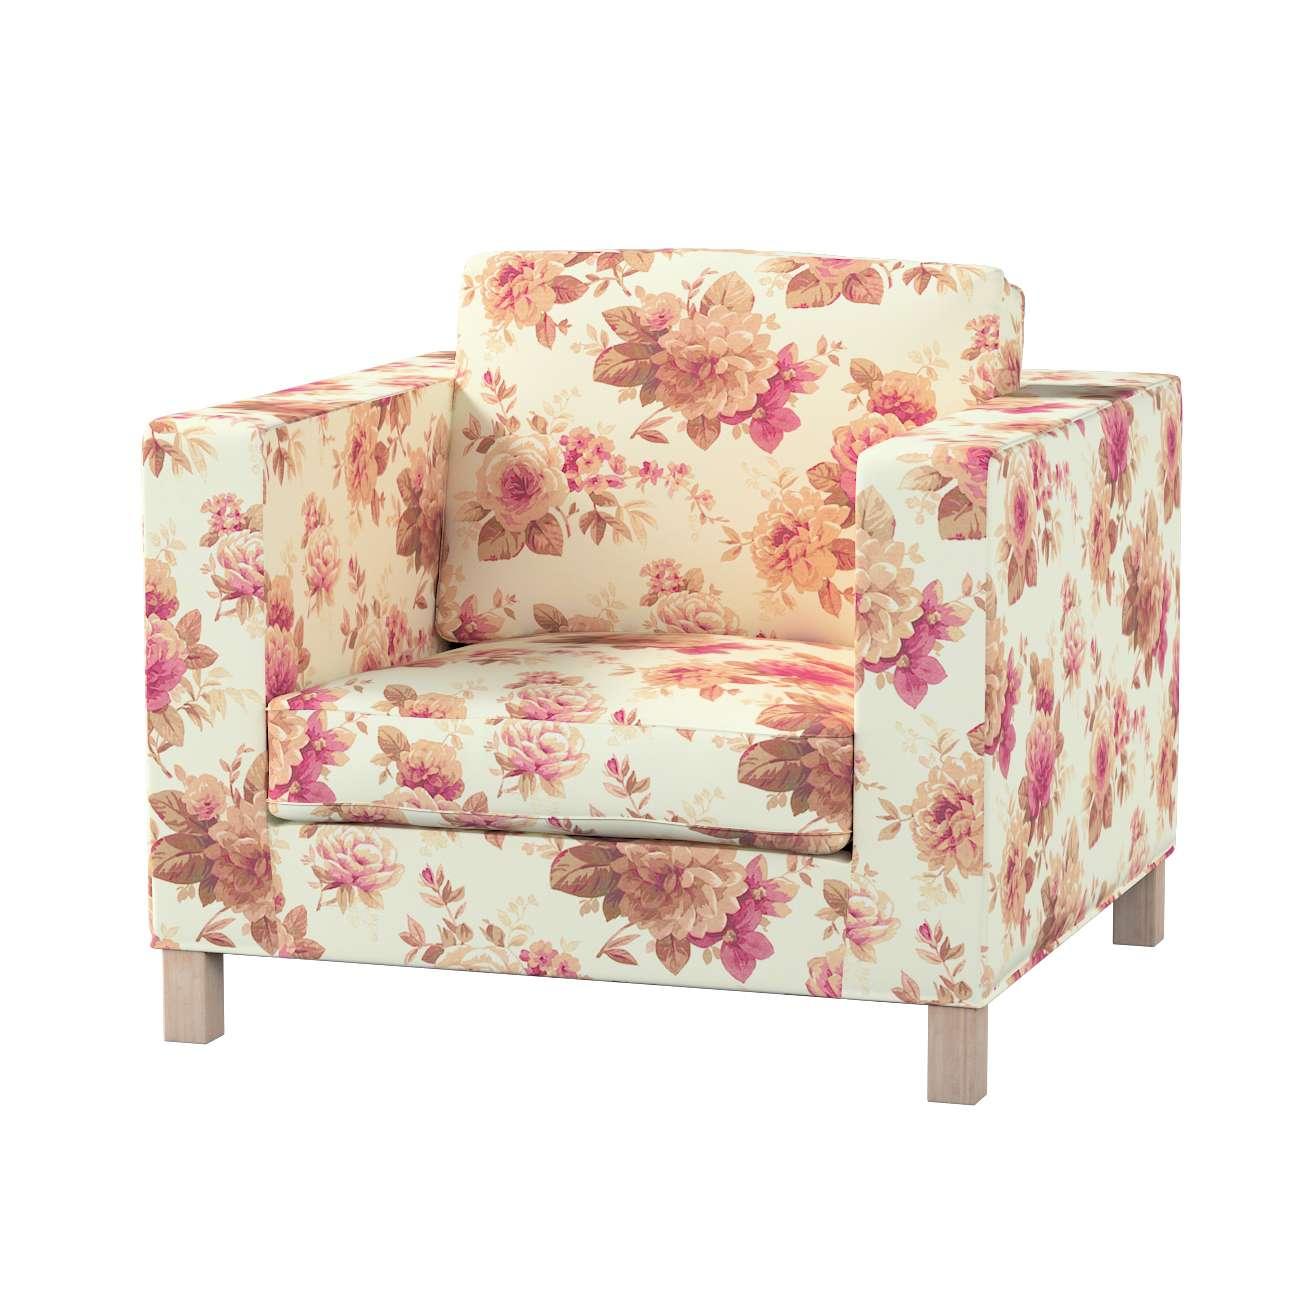 Pokrowiec na fotel Karlanda, krótki w kolekcji Londres, tkanina: 141-06